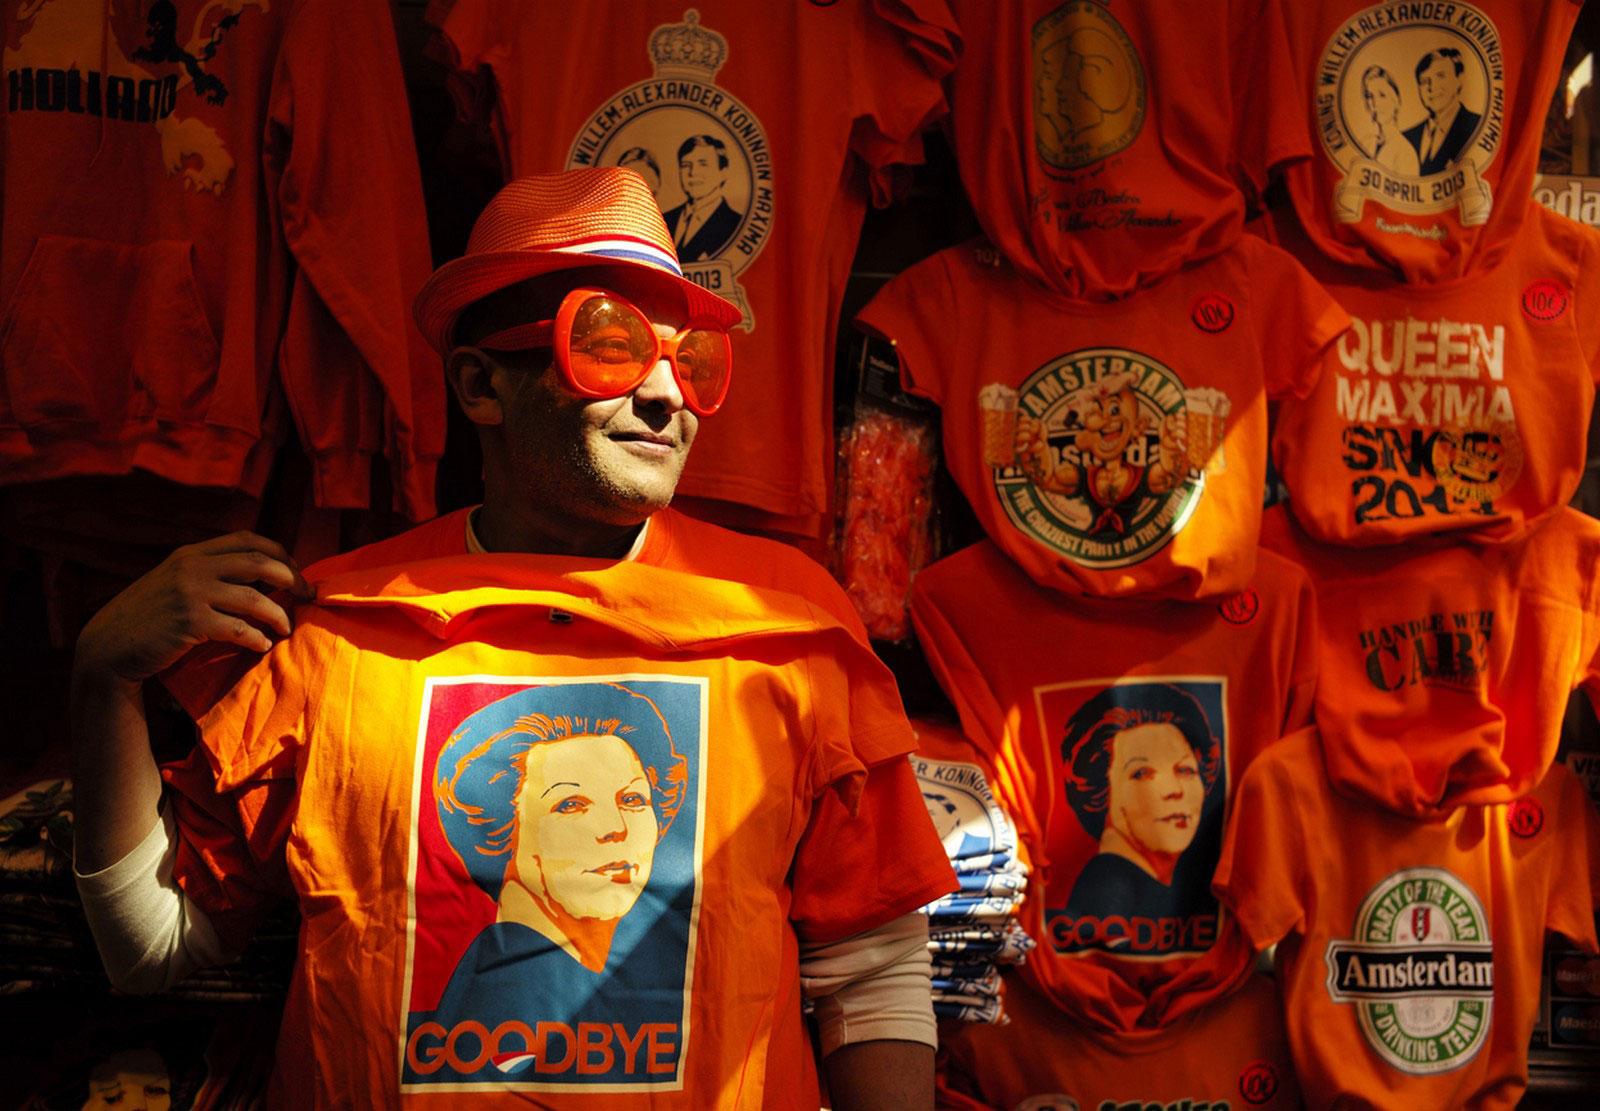 оранжевая футболка с изображением королевы Беатрикс